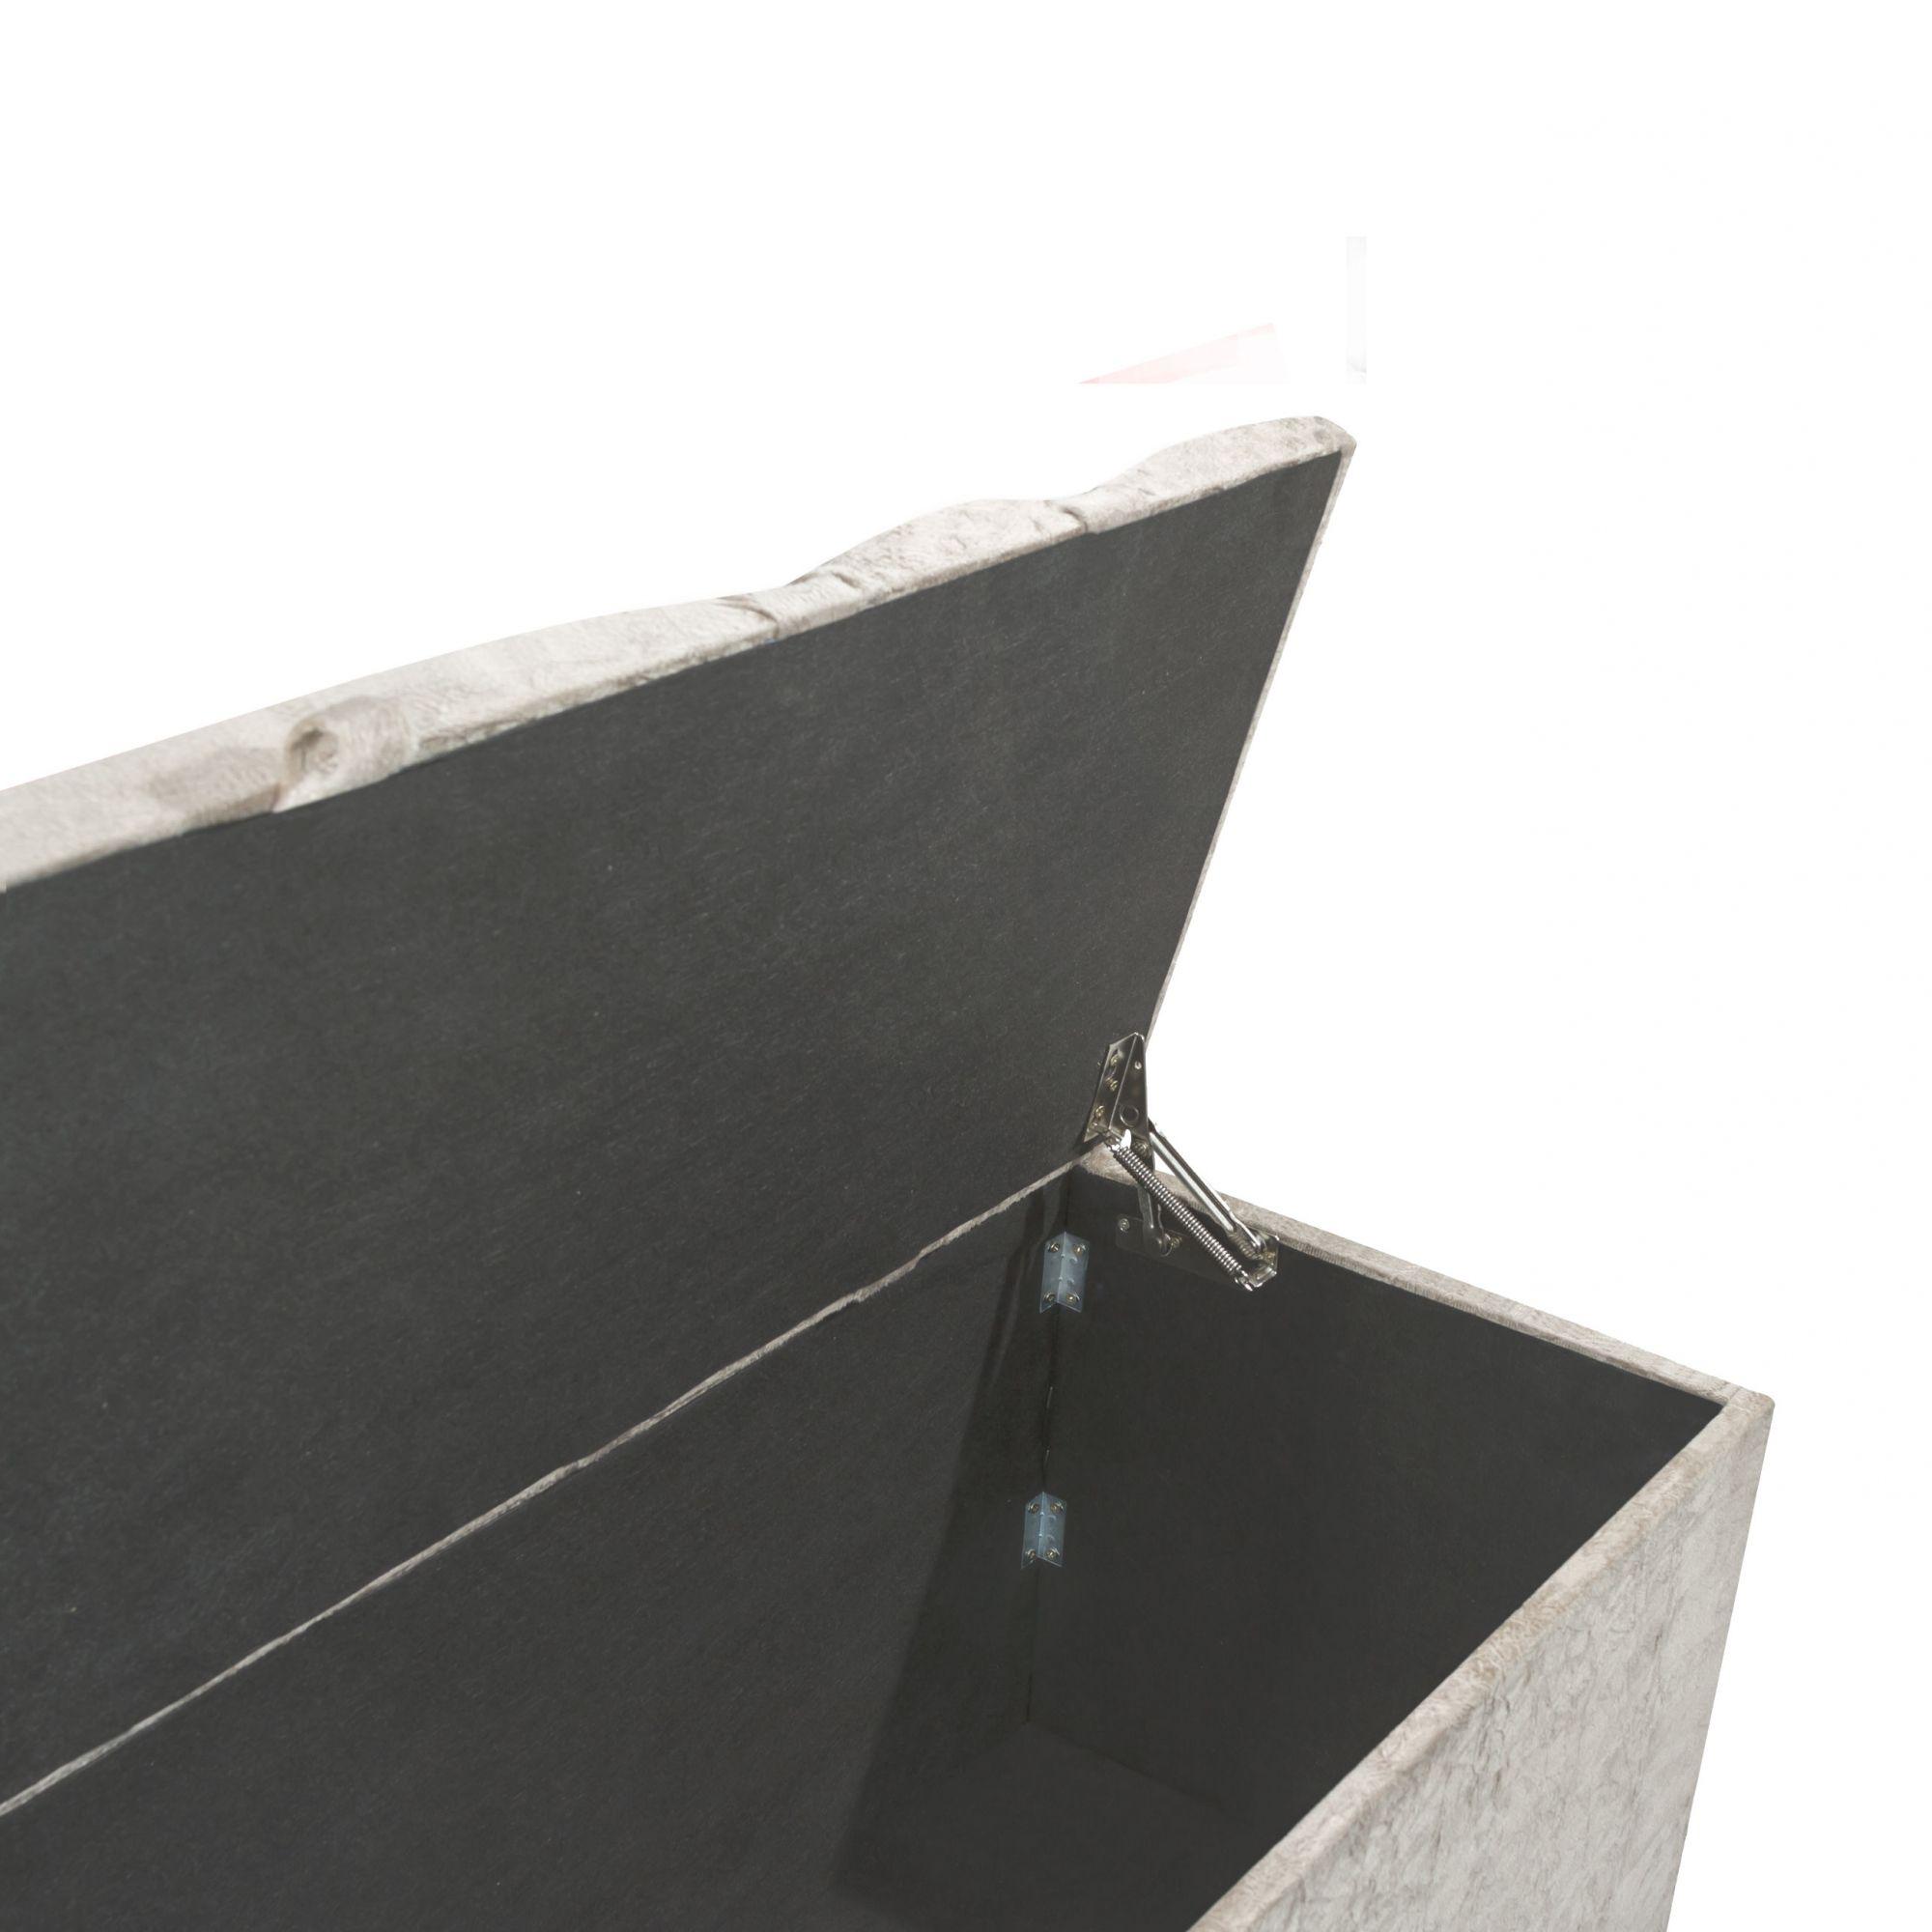 Cabeceira Box Casal com Recamier Tokyo 1.4 Suede Cinza - R.A Estofados